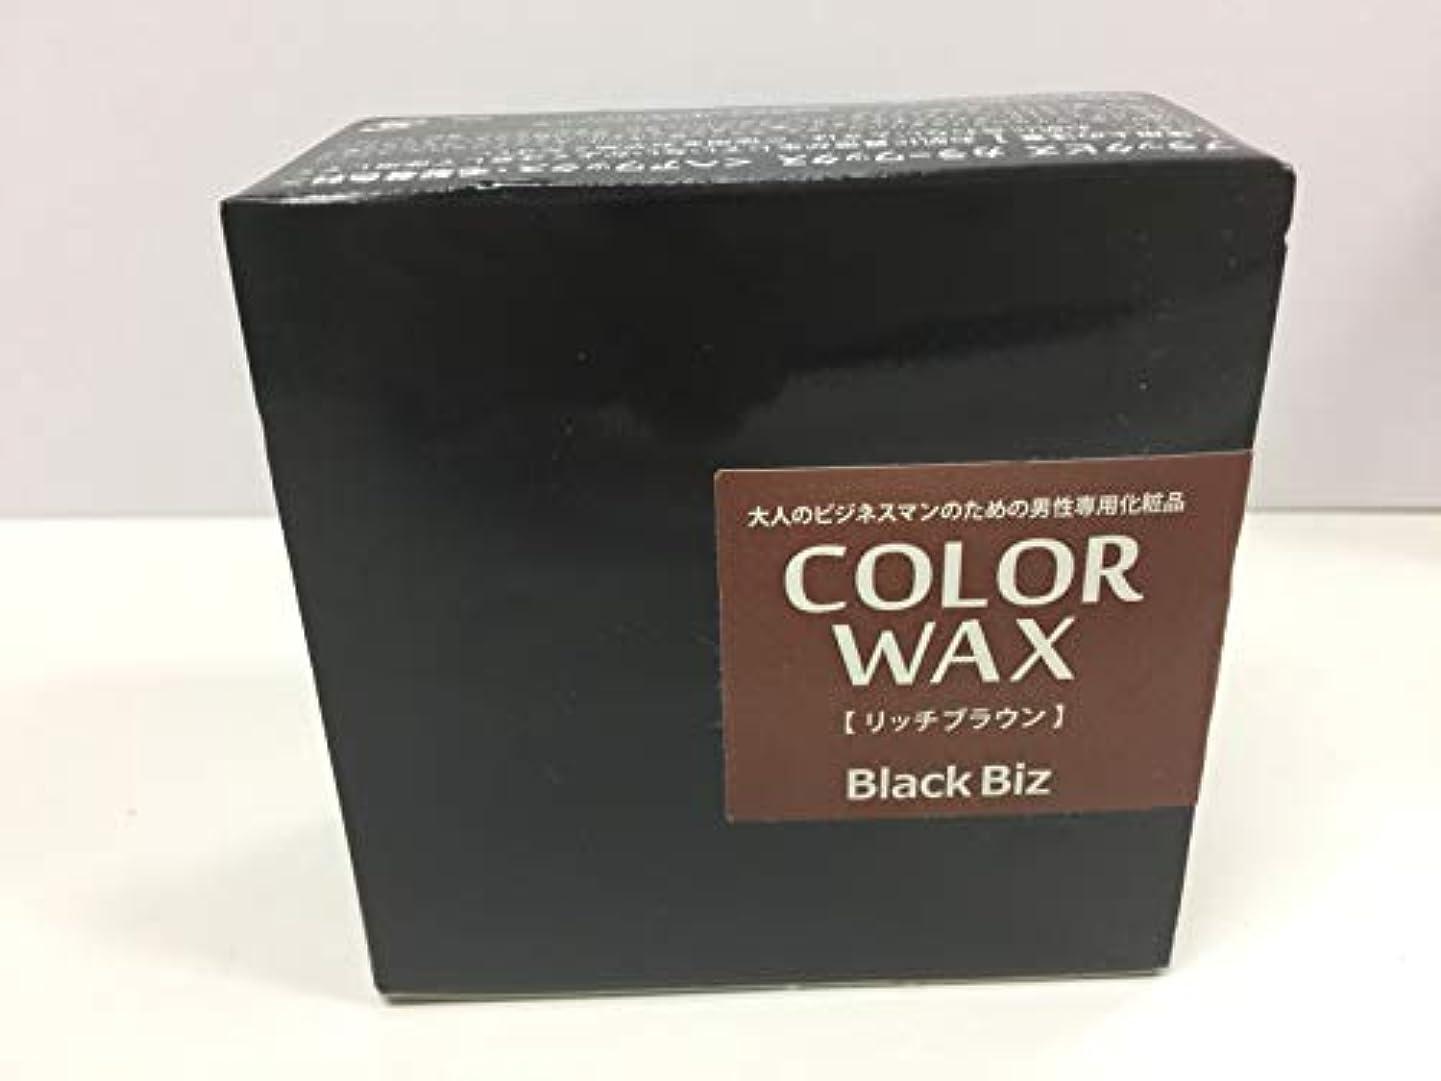 聖域司教お父さん大人のビジネスマンのための男性専用化粧品 BlackBiz COLOR WAX ブラックビズ カラーワックス 【リッチブラウン】